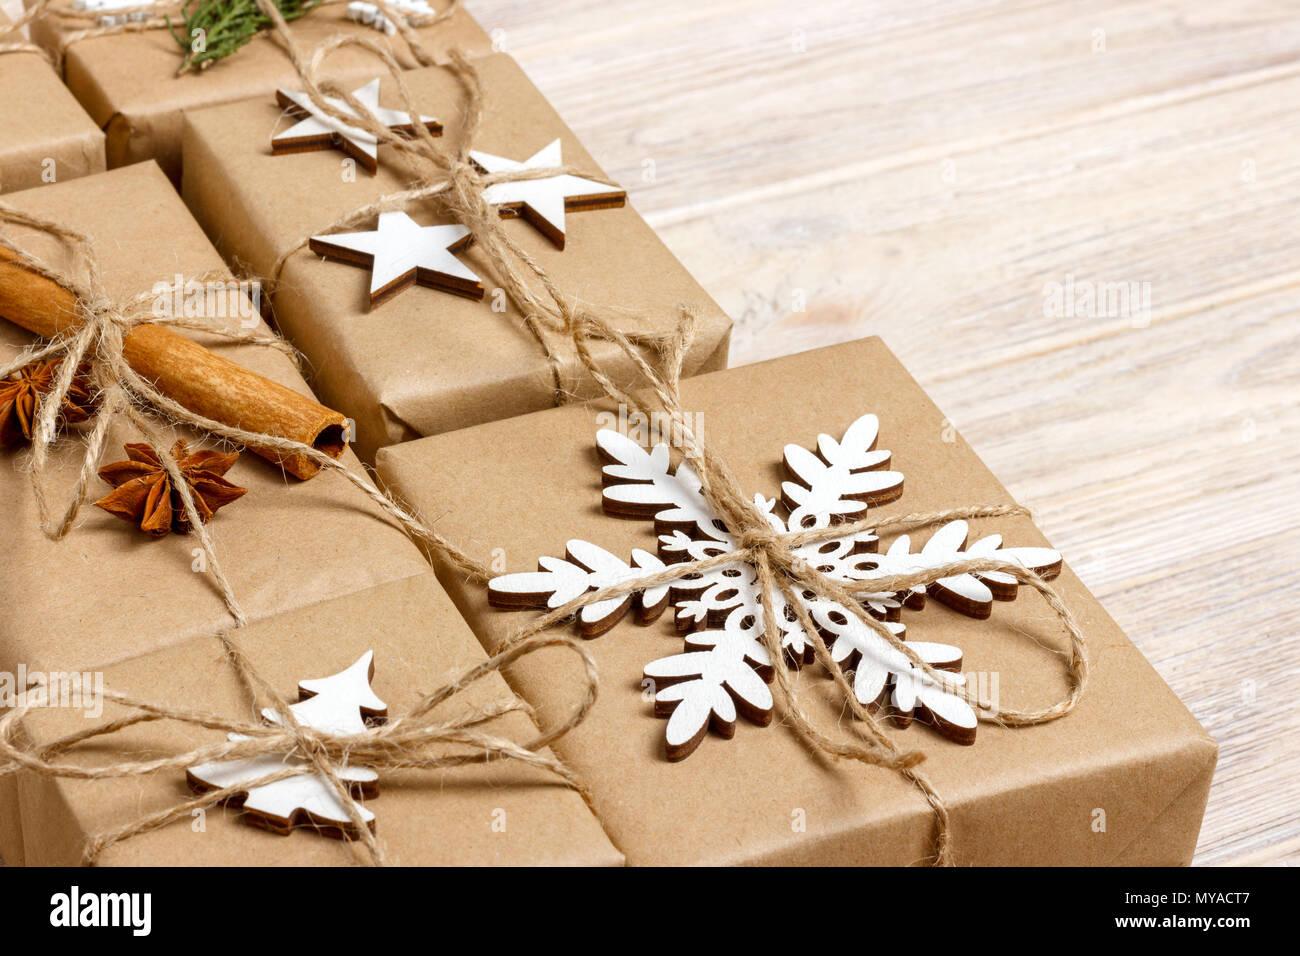 Handgemachtes Handwerk Weihnachten Geschenke oder neues Jahr ...